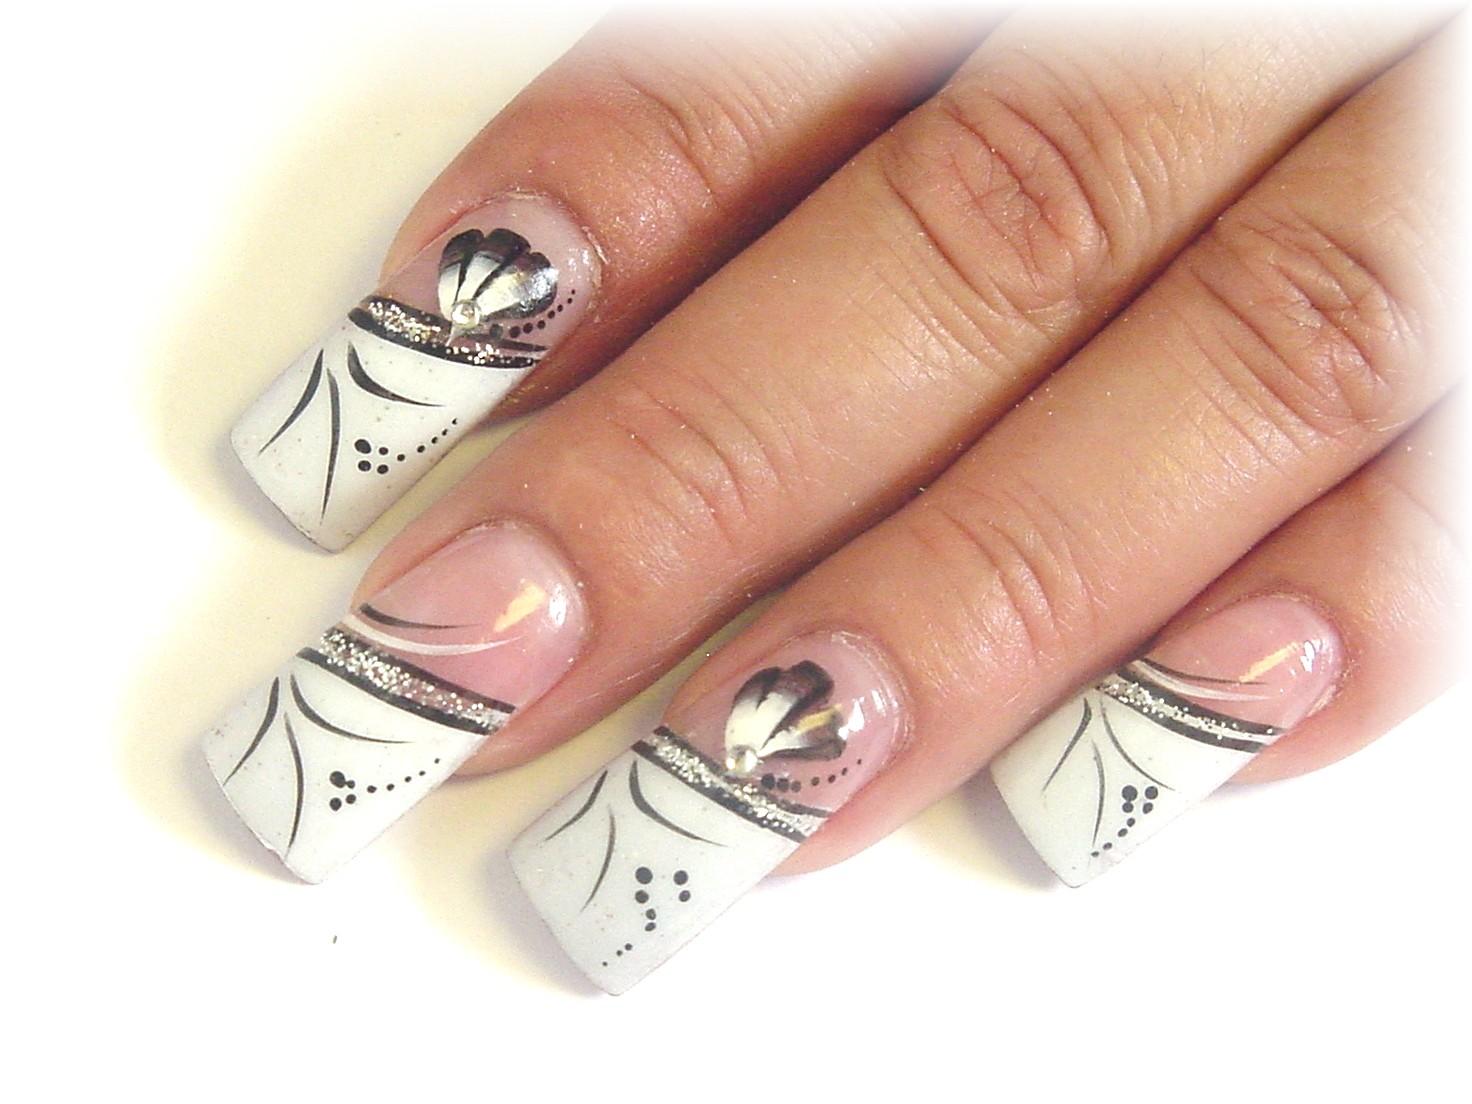 awesome nail art   Nails Nail Art Wallpaper 23708310 1472x1104